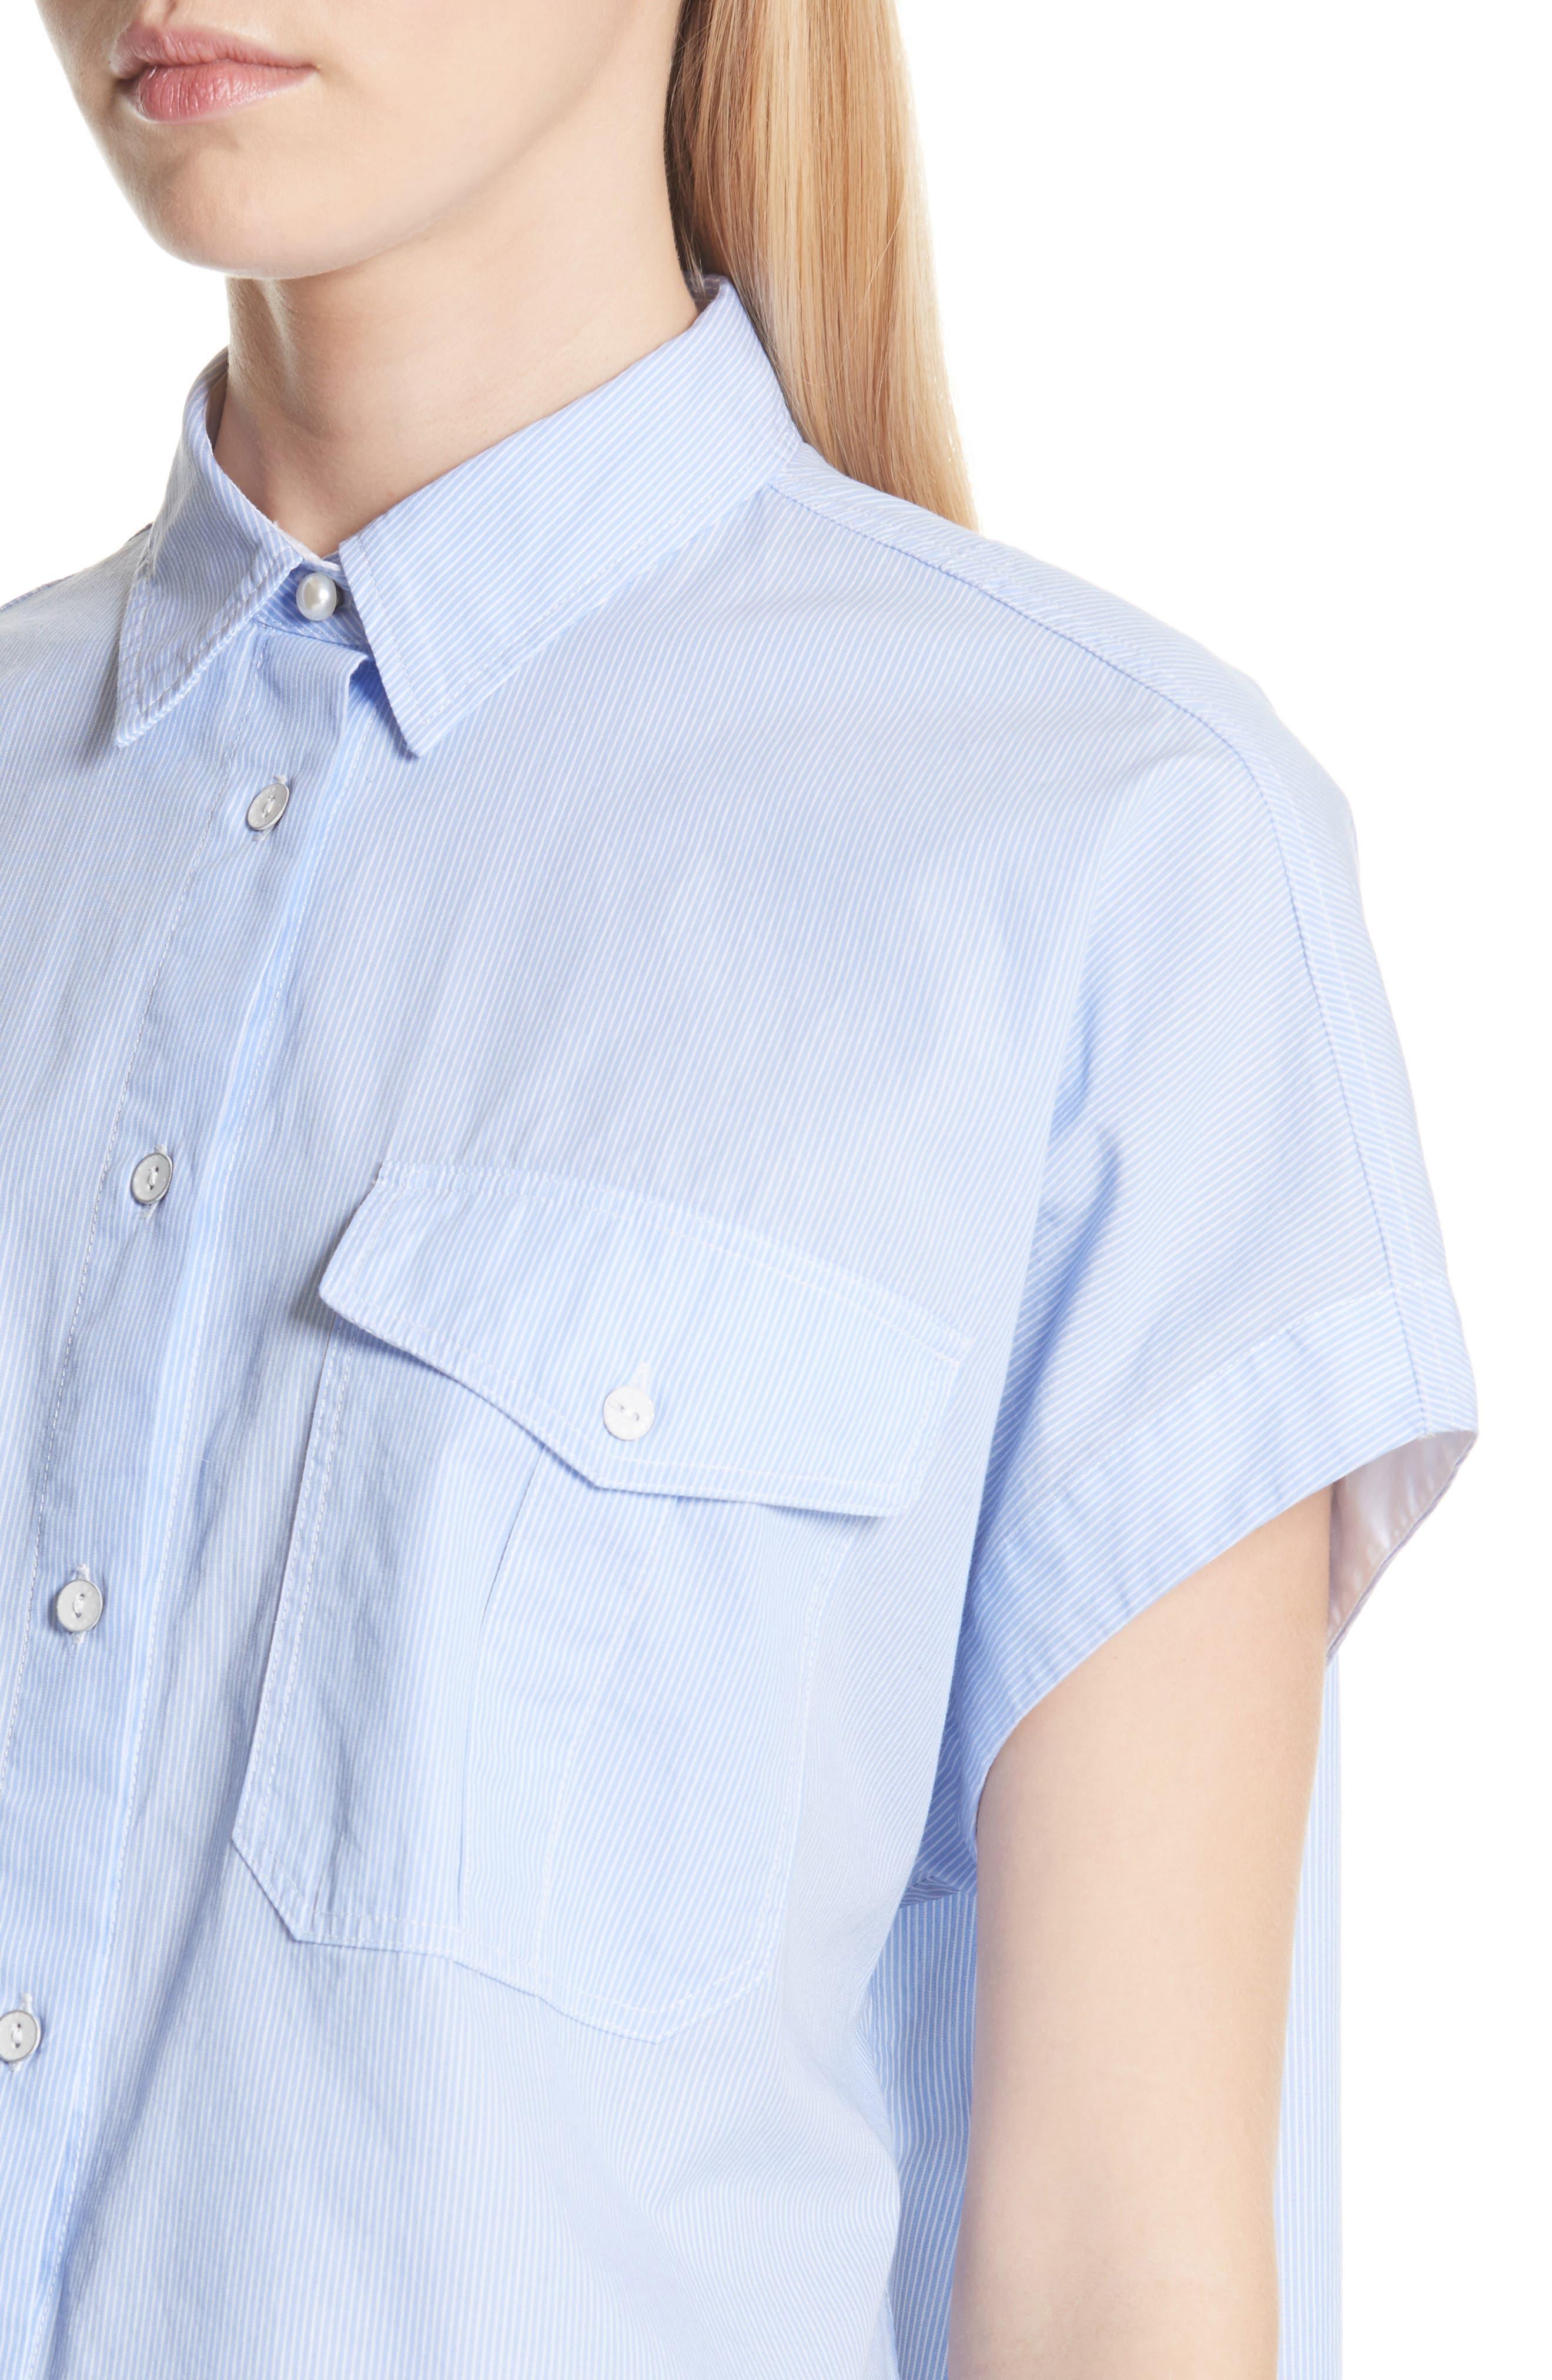 Pearson Shirt,                             Alternate thumbnail 4, color,                             Light Blue Multi